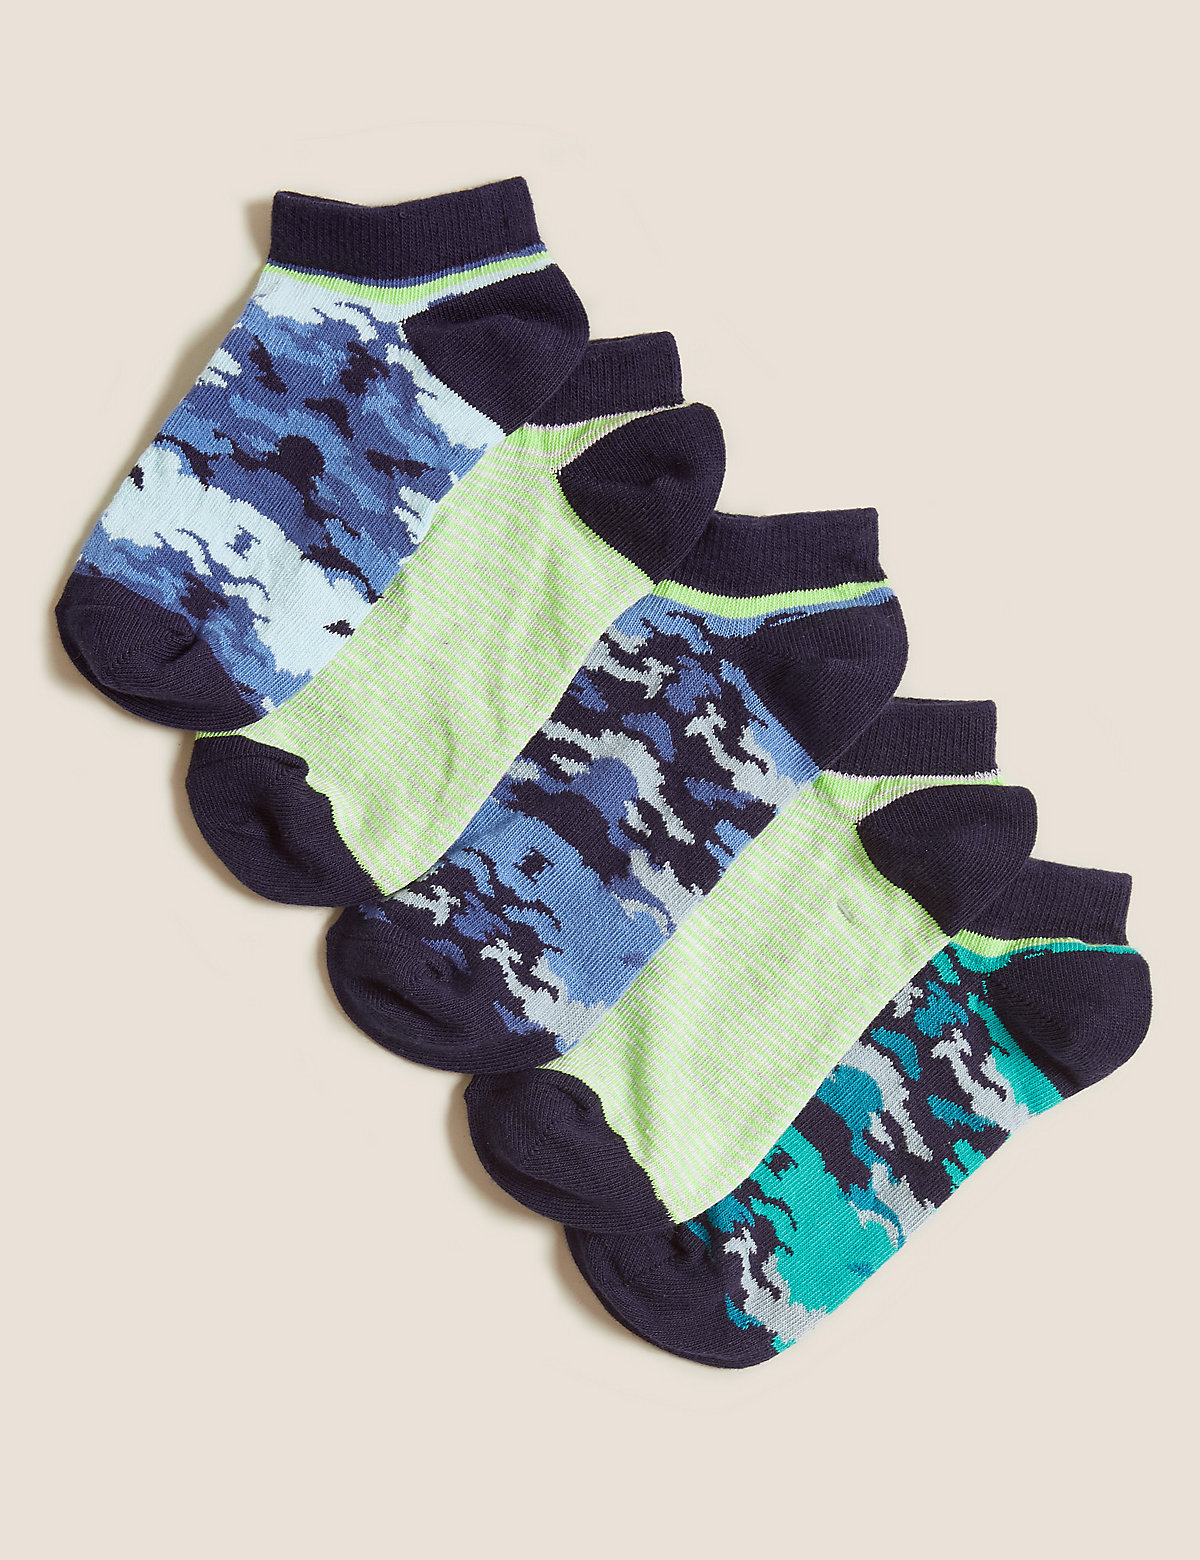 Хлопковые короткие носки с камуфляжным принтом (5 пар)